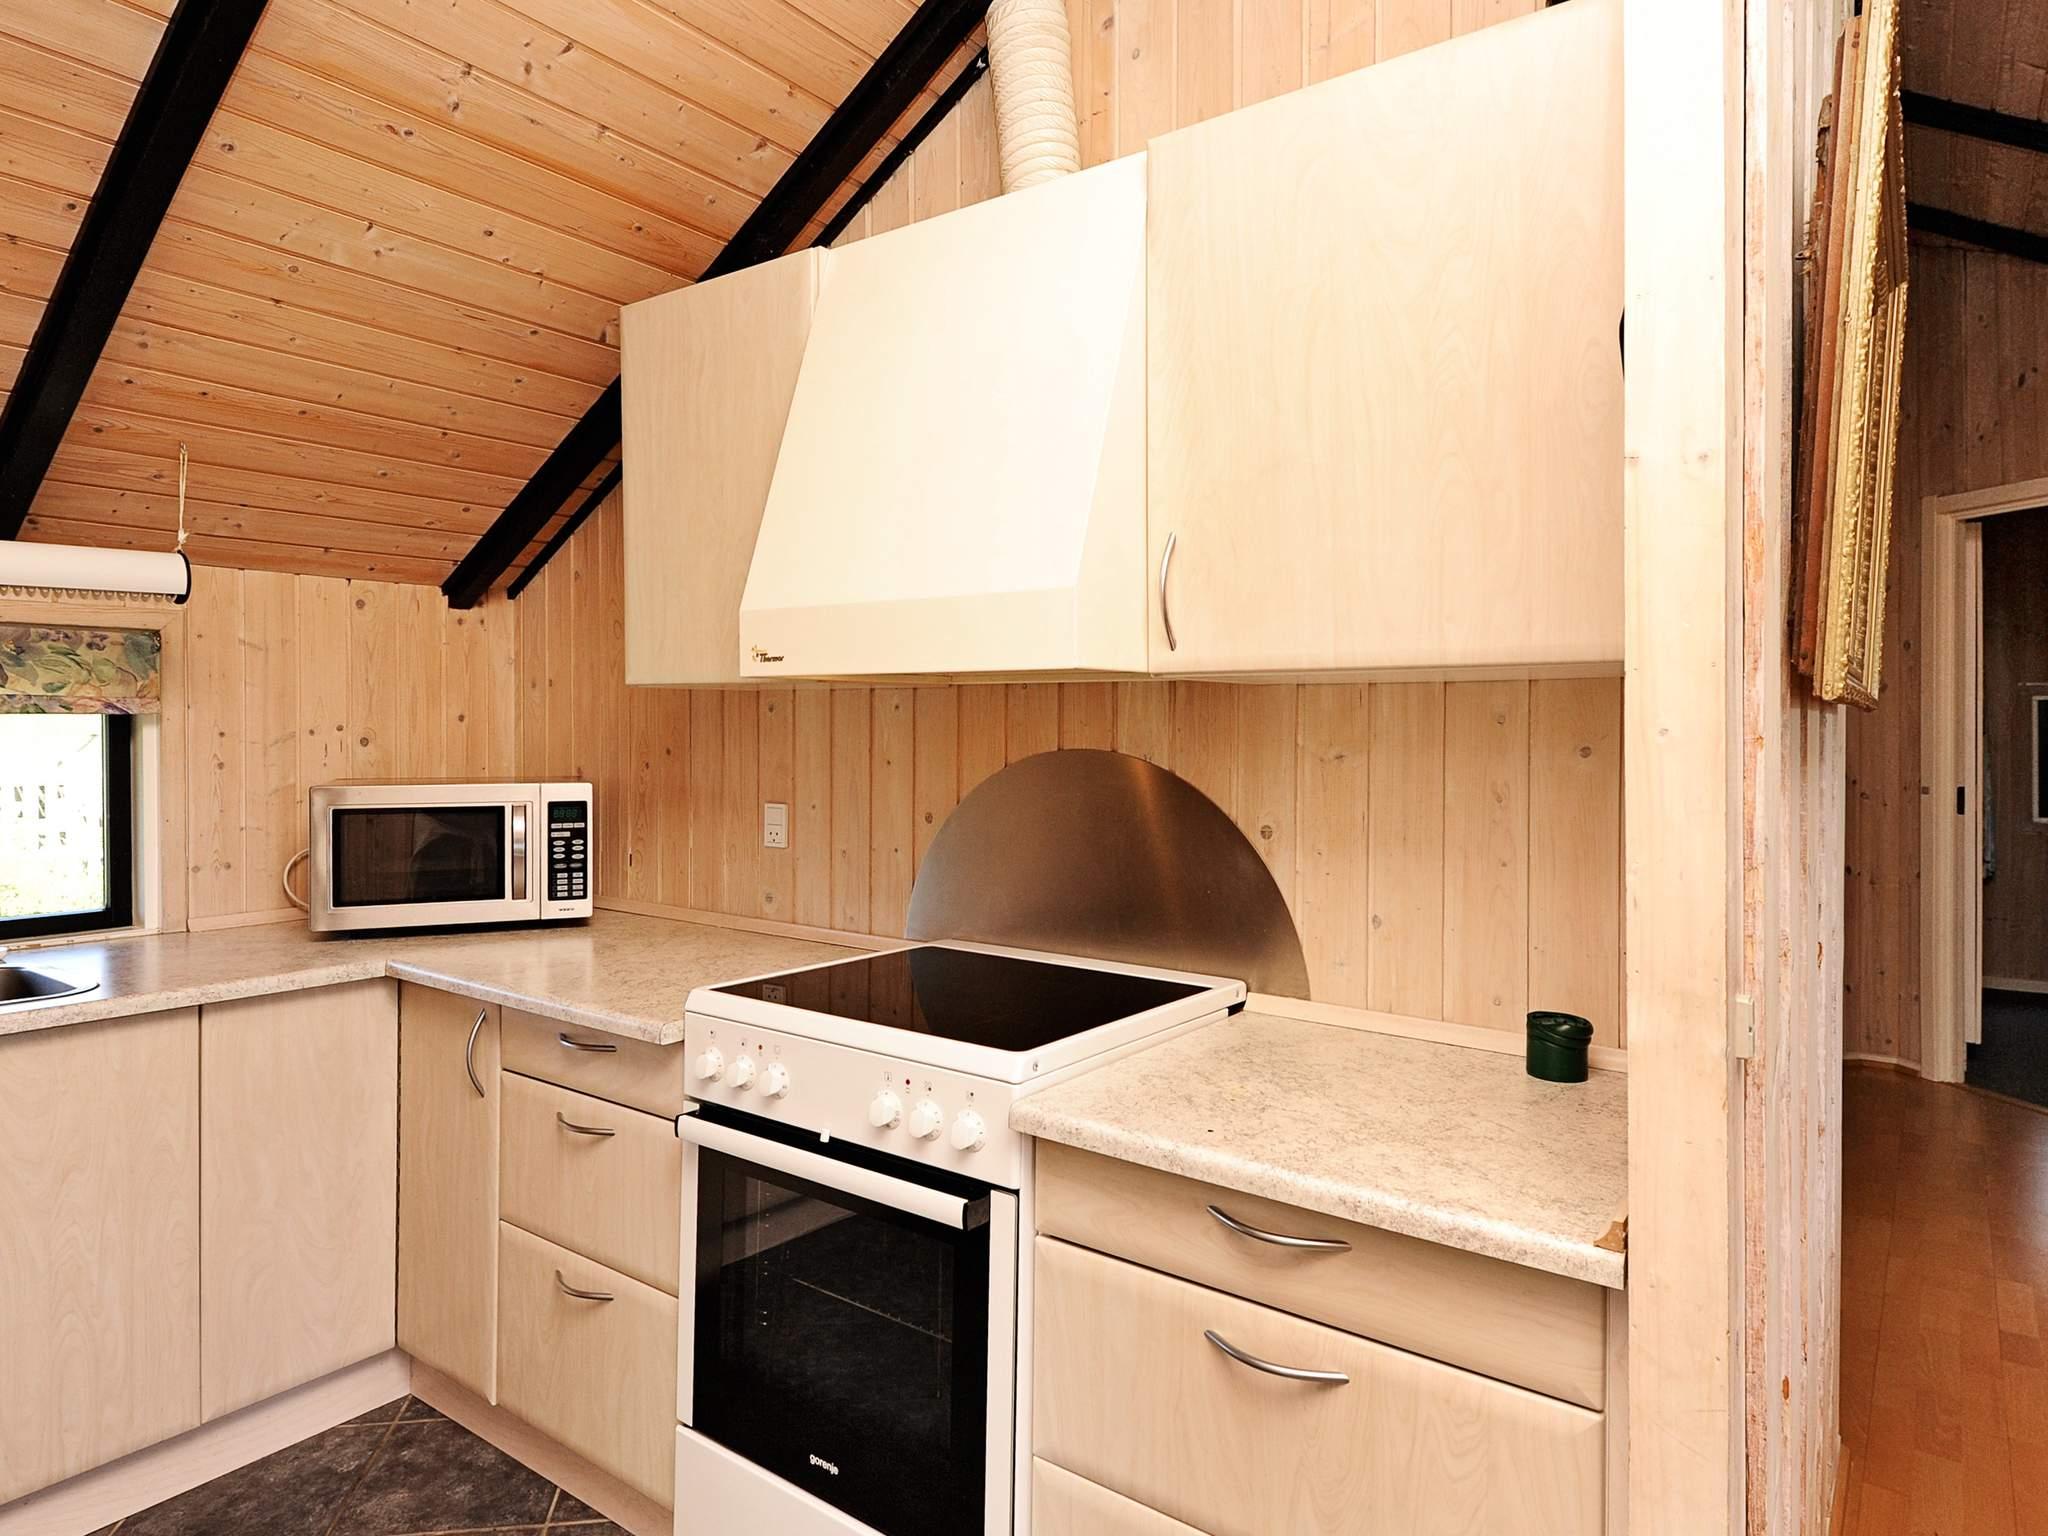 Ferienhaus Hvidbjerg (87899), Hvidbjerg, , Ostjütland, Dänemark, Bild 9